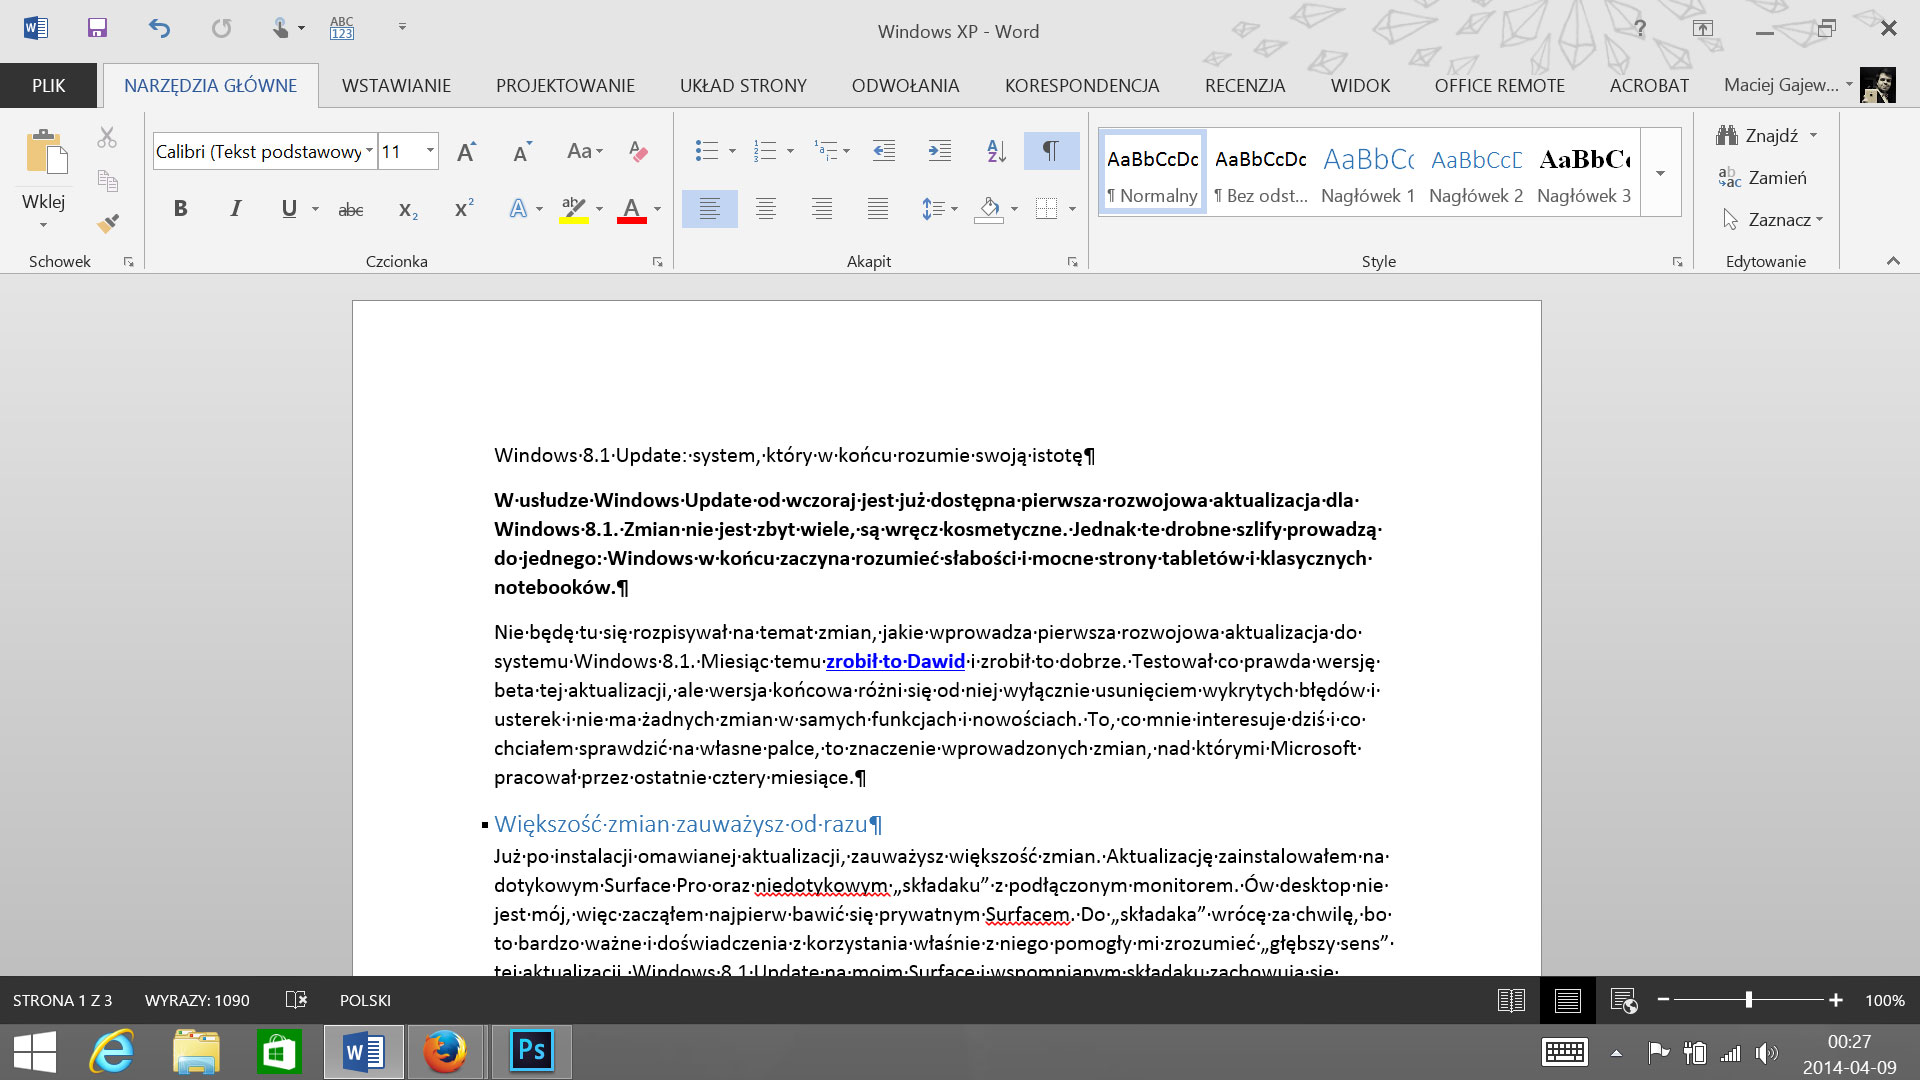 oprogramowanie do dopasowywania dla systemu Windows 8 serwisy randkowe Littlehampton